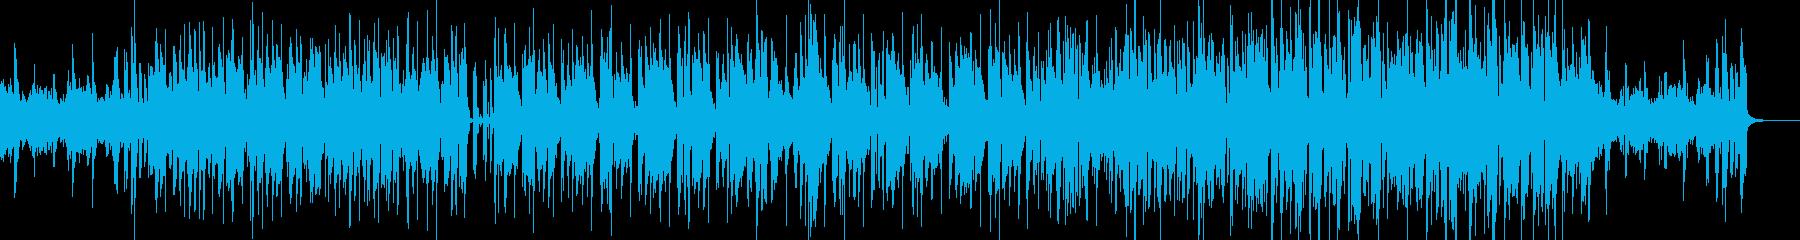 ネオン灯の再生済みの波形